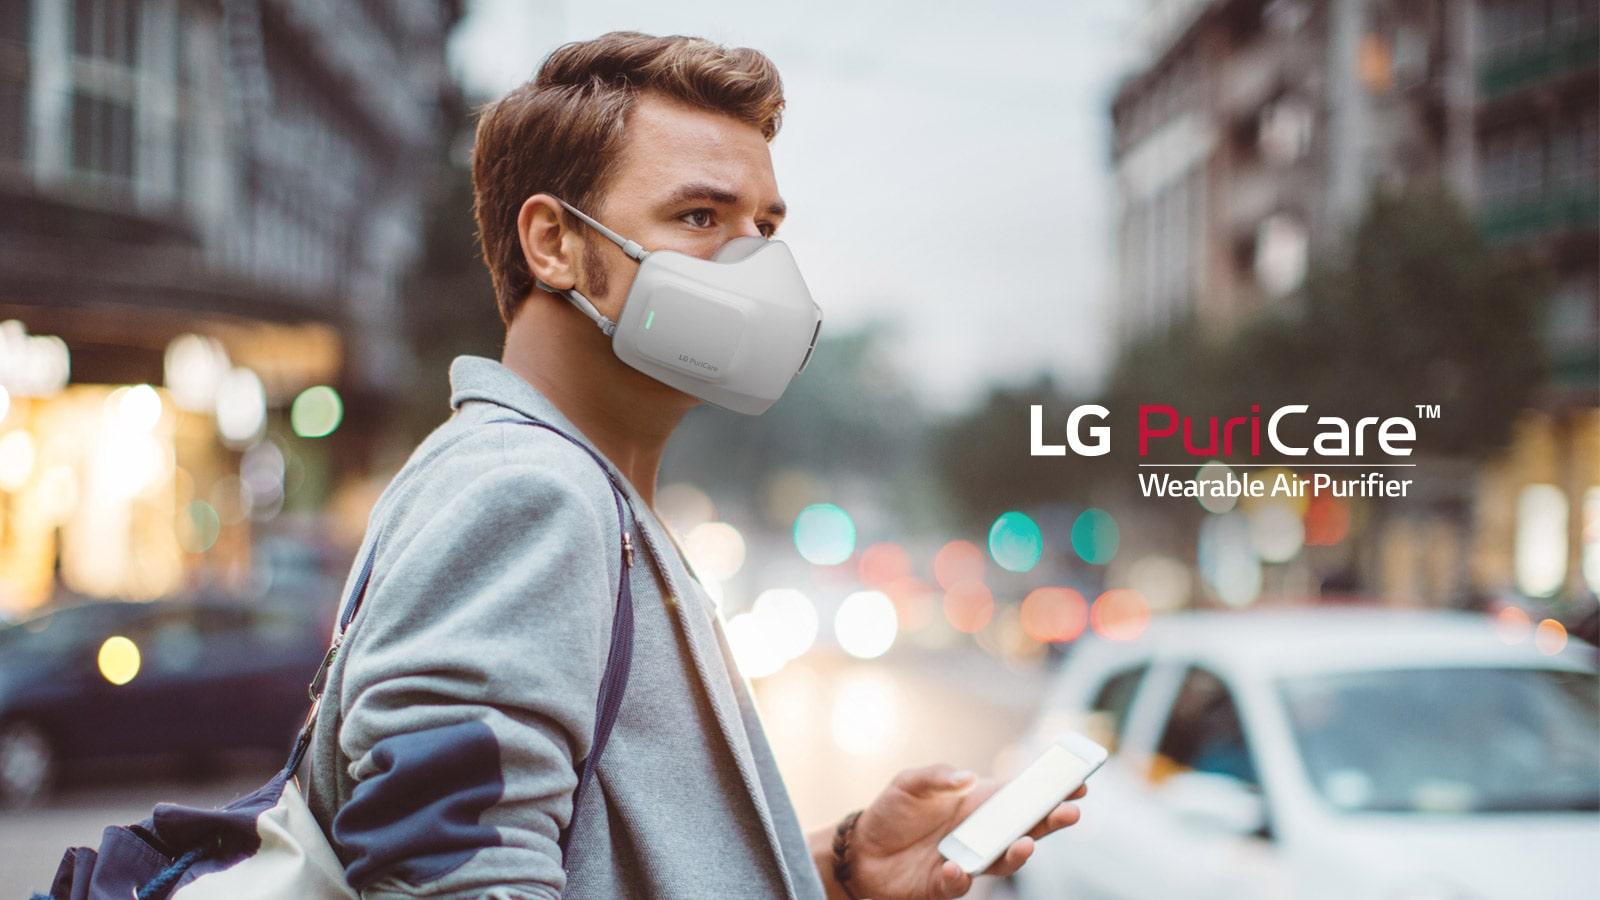 Un hombre está parado en el centro de una ciudad con la máscara LG Puricare puesta, sosteniendo un teléfono y mirando a su alrededor con una ciudad borrosa al fondo.